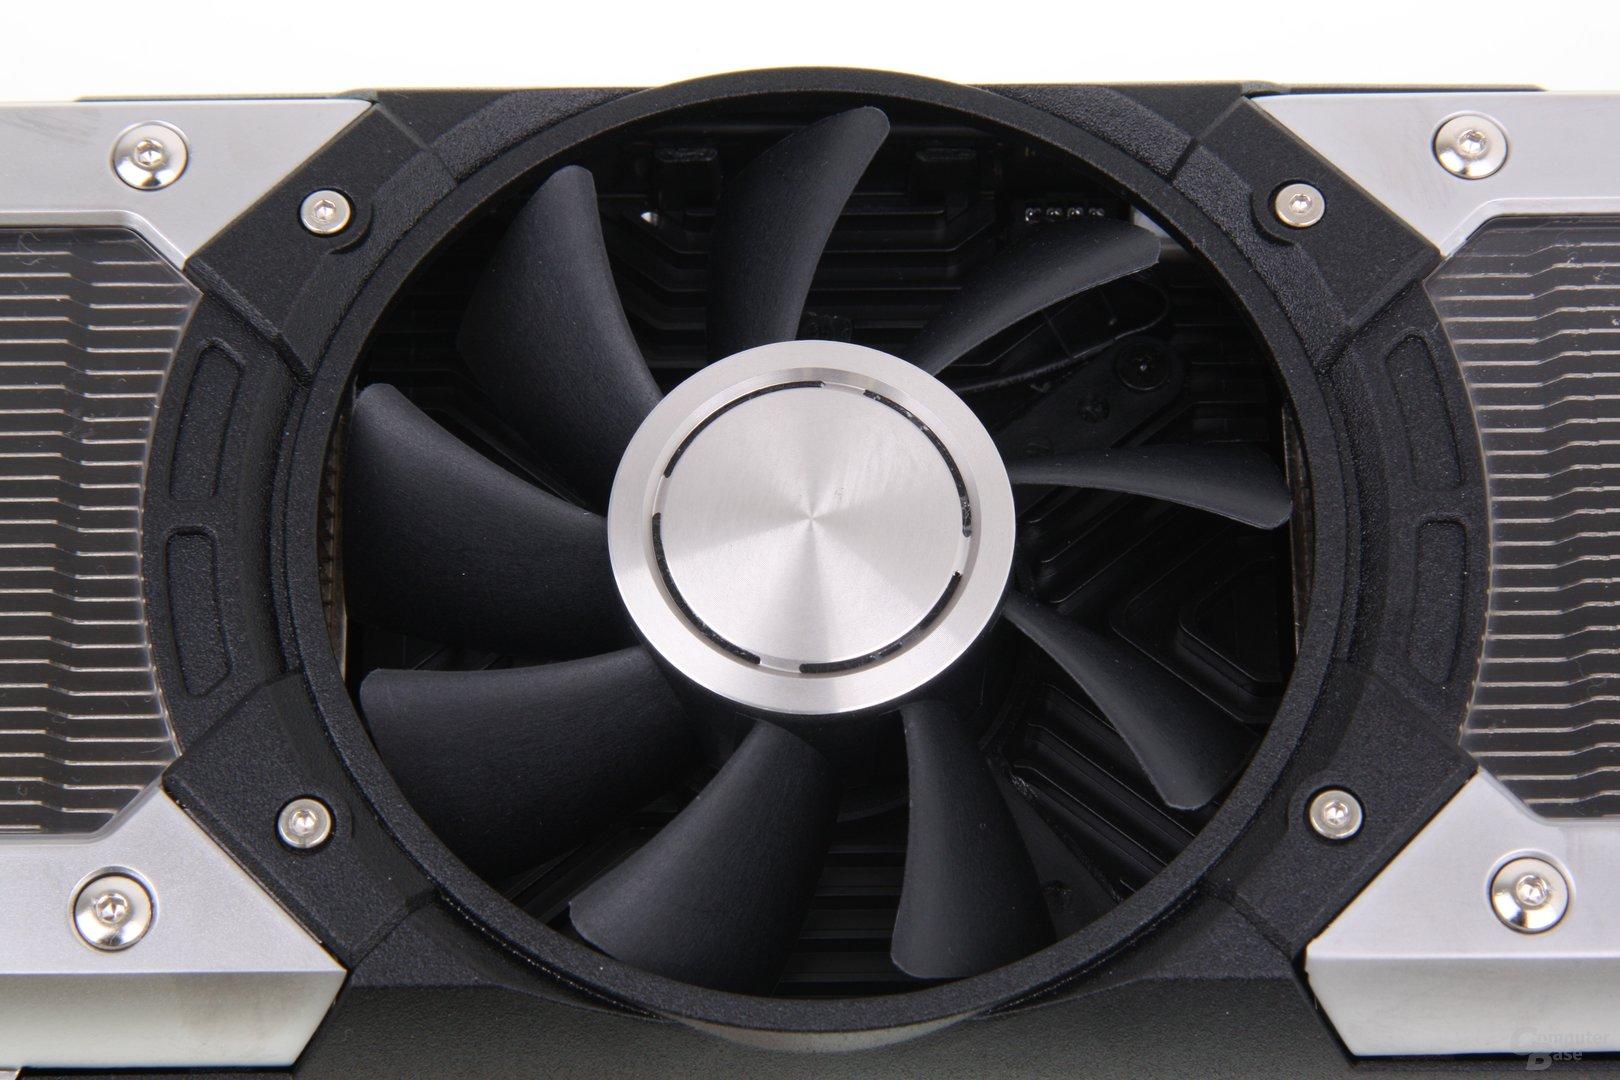 GeForce GTX 690 Lüfter